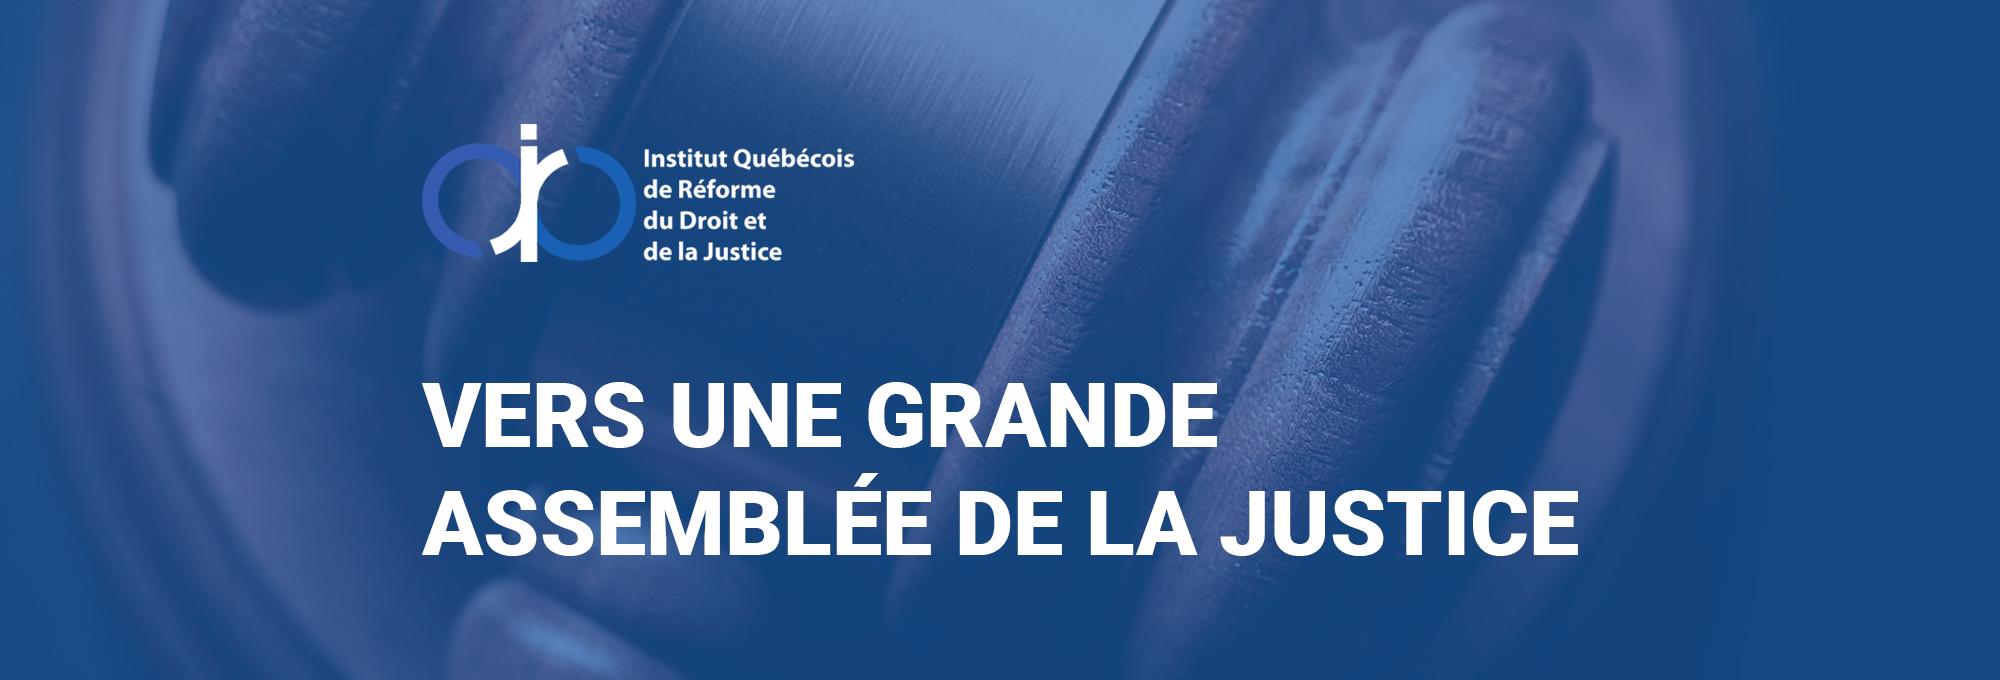 Appel de candidatures : Forum citoyen sur l'avenir du droit et de la justice